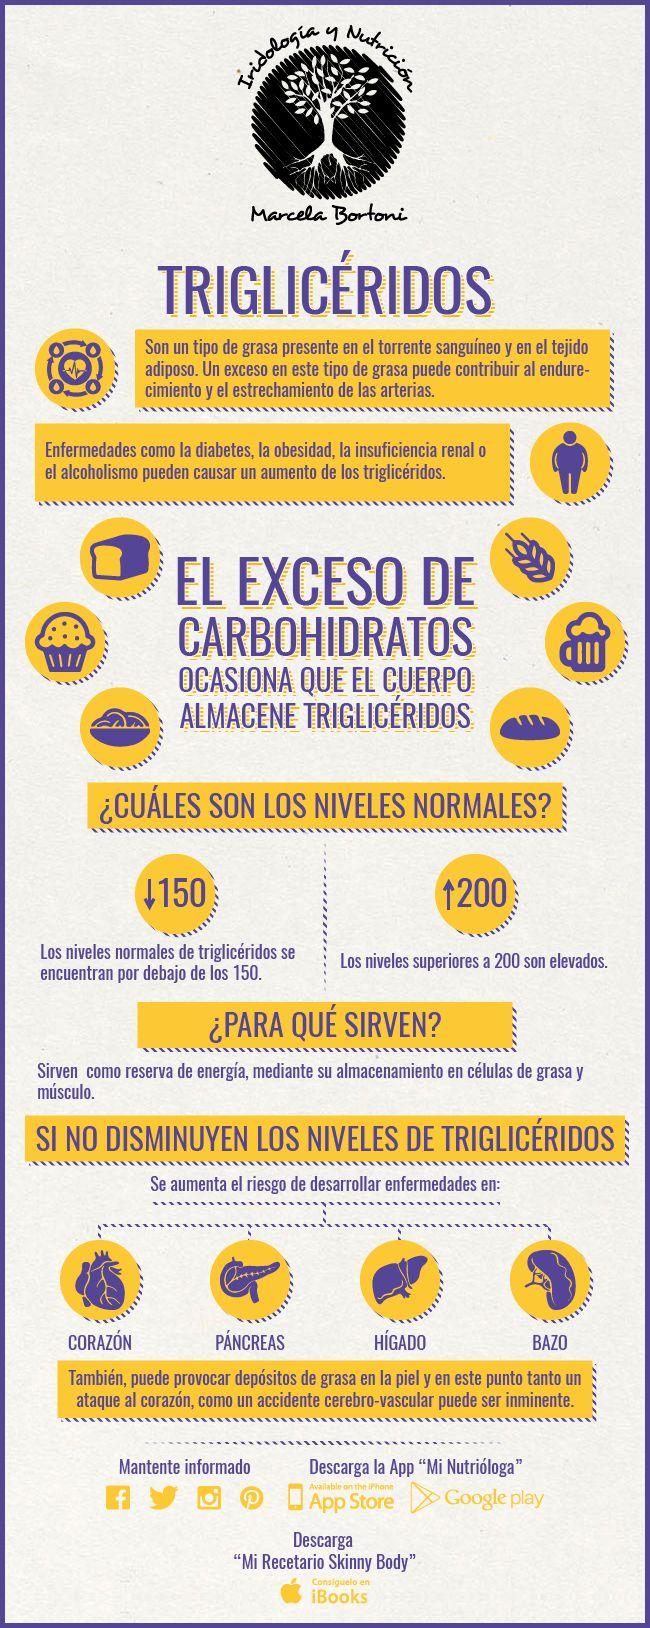 Triglicéridos - Noticias Saludables                                                                                                                                                                                 Más